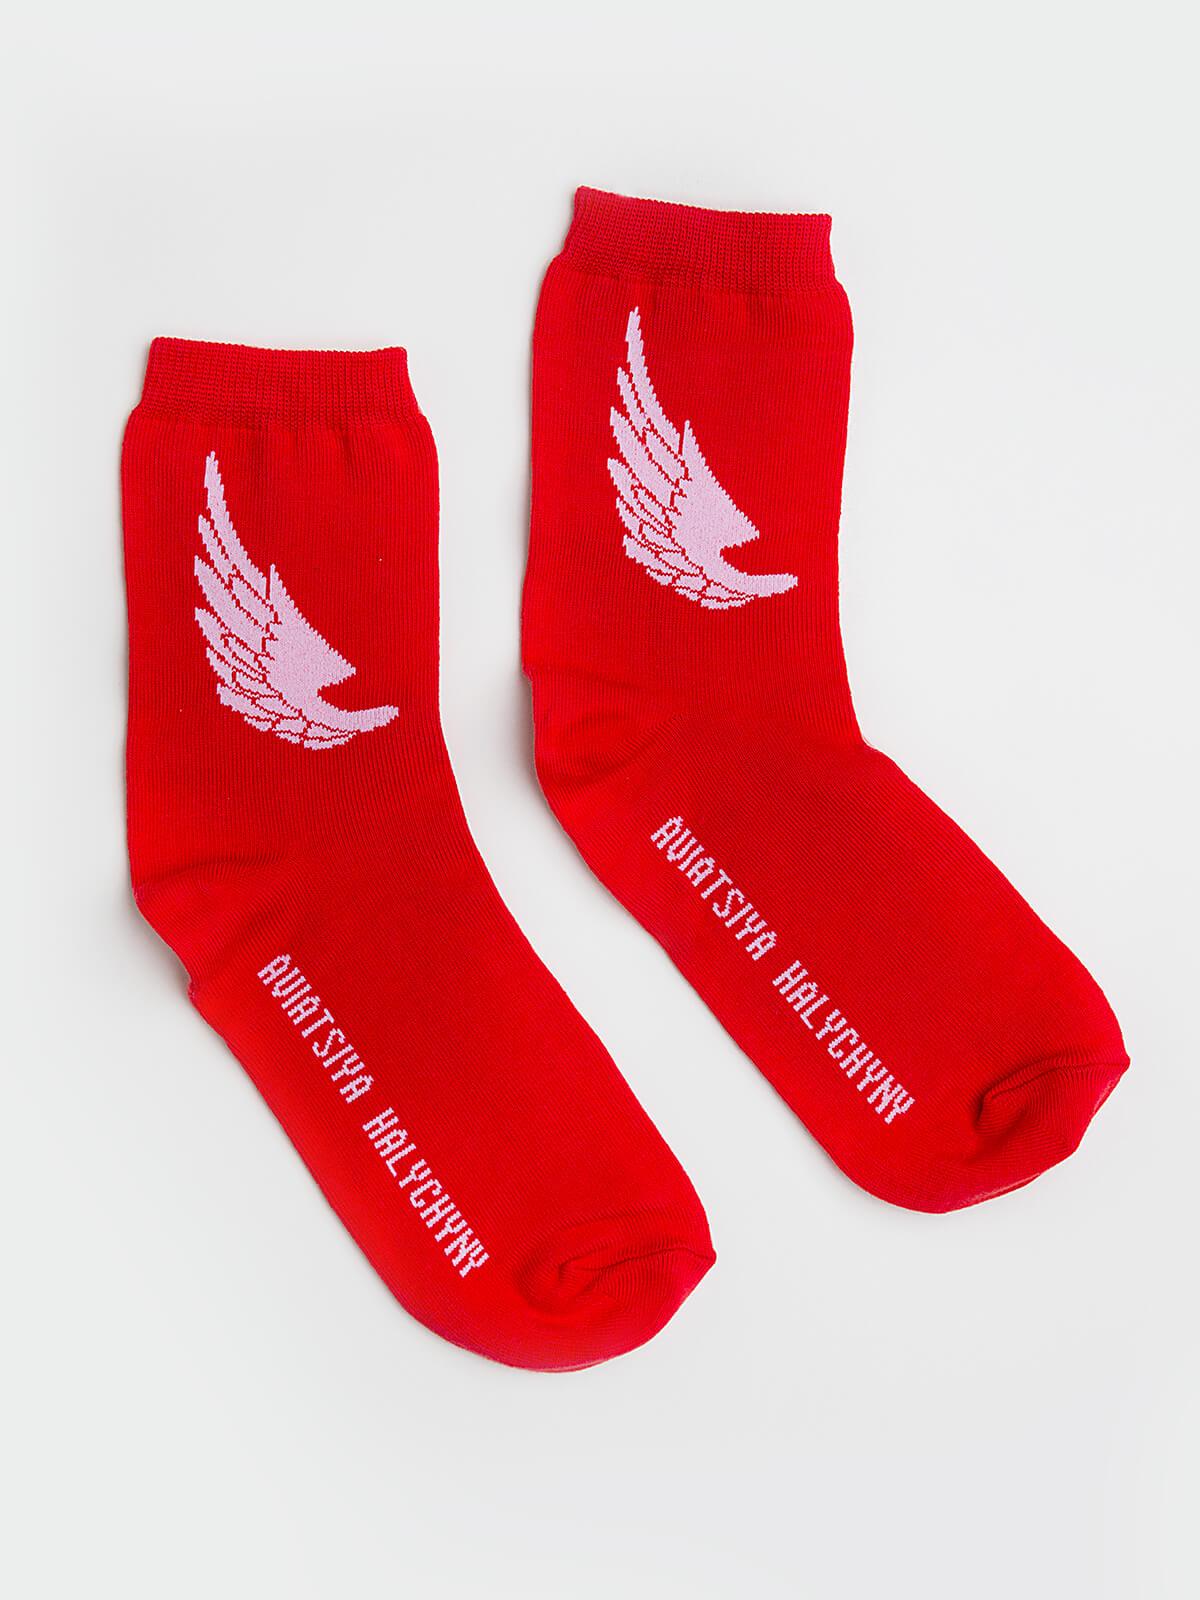 Шкарпетки Крила. Колір червоний. Матеріал: 95% бавовна, 5% еластан  Товар обміну та поверненню не підлягає